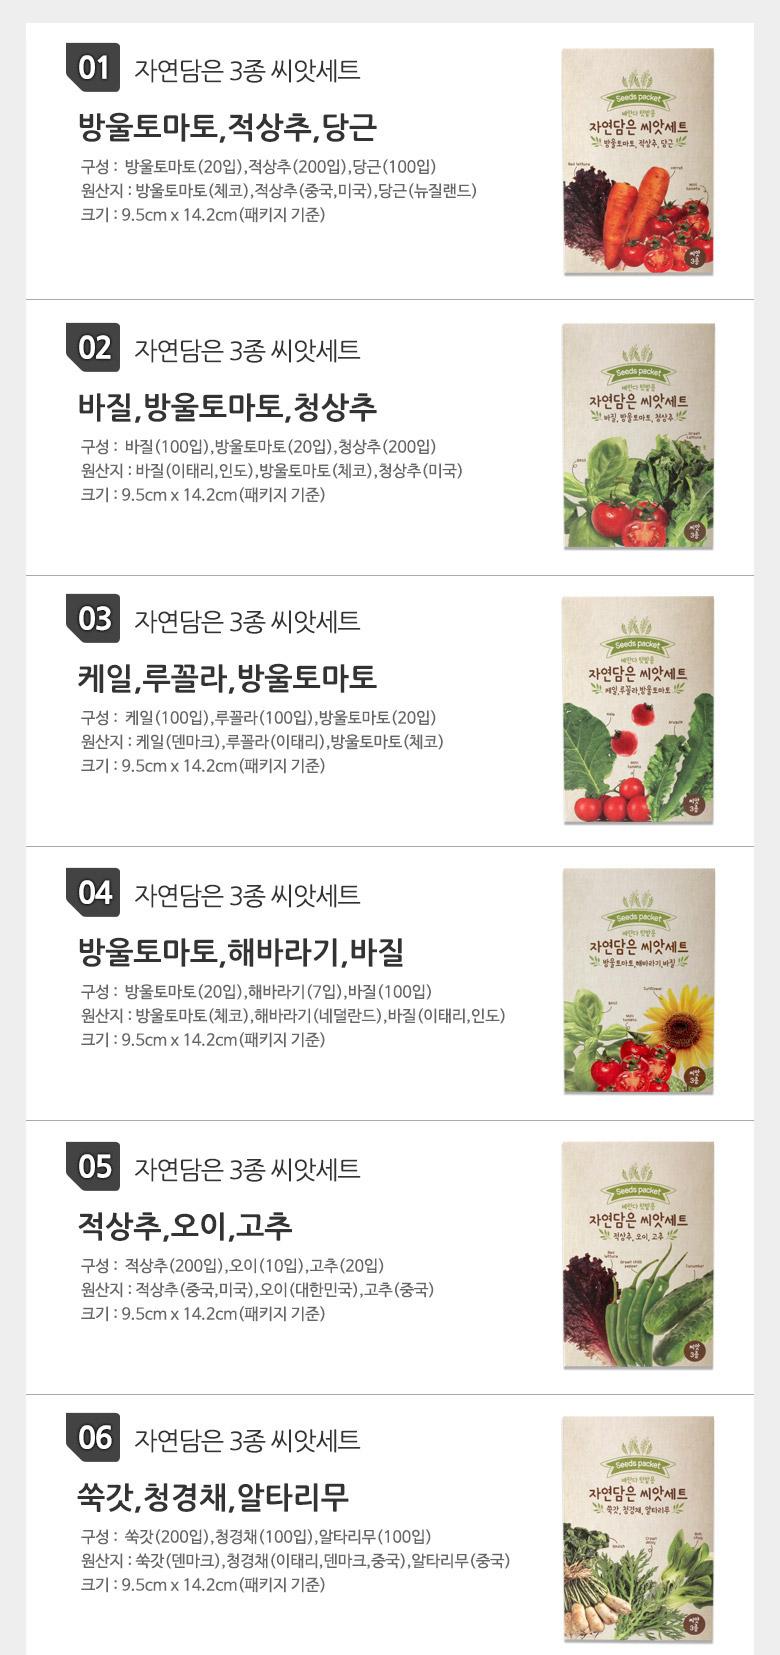 자연담은 씨앗3종세트_12종 - 꿈쟁이플라워캔, 2,000원, 새싹/모종키우기, 씨앗